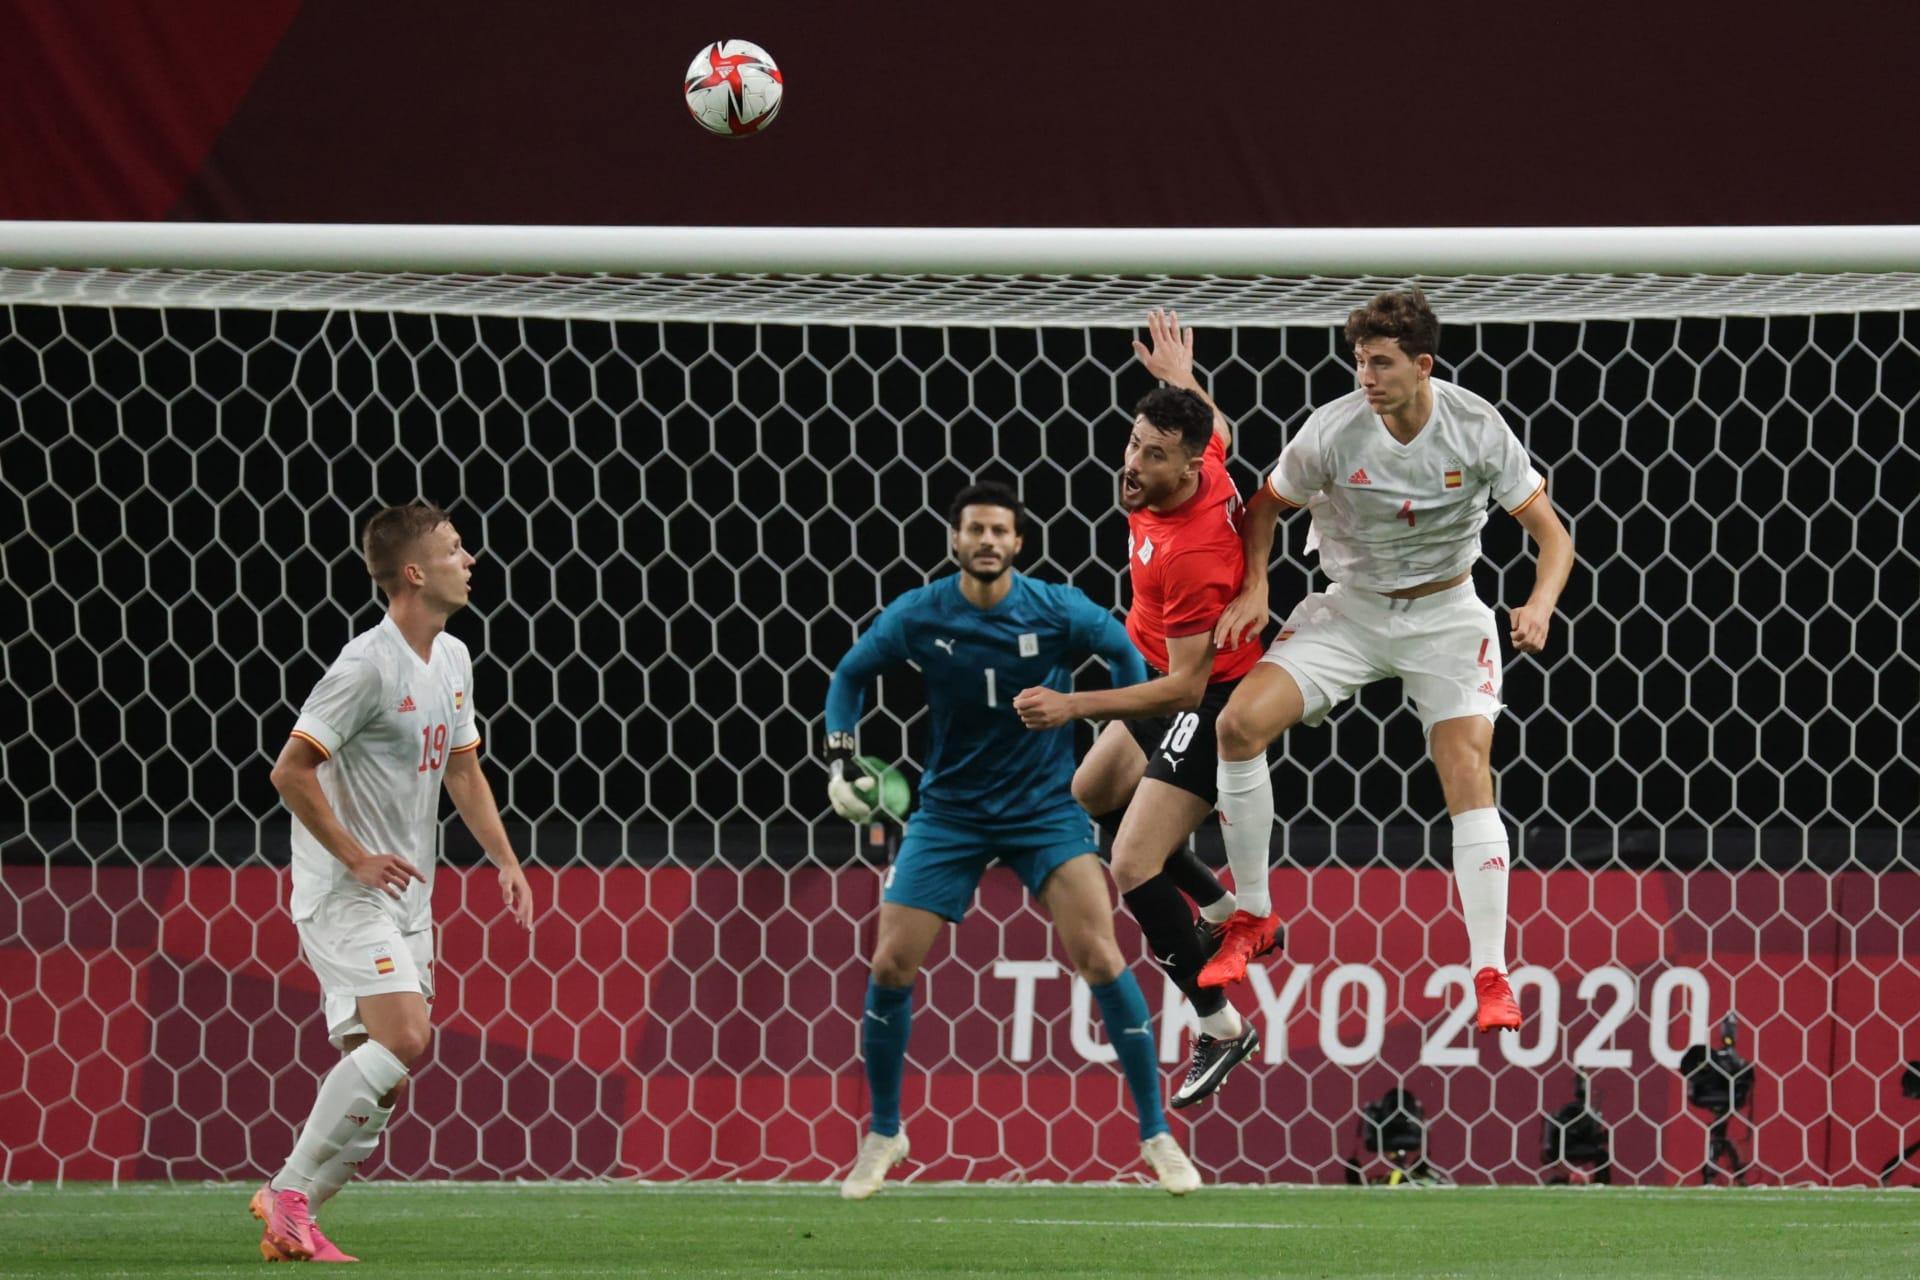 تنافس مدافع مصر محمود الونش (وسط) على الكرة مع المدافع الإسباني باو توريس (إلى اليمين) أمام المرمى المصري خلال مباراة الدور الأول للمجموعة C في أولمبياد طوكيو 2020 - 22 يوليو، 2021